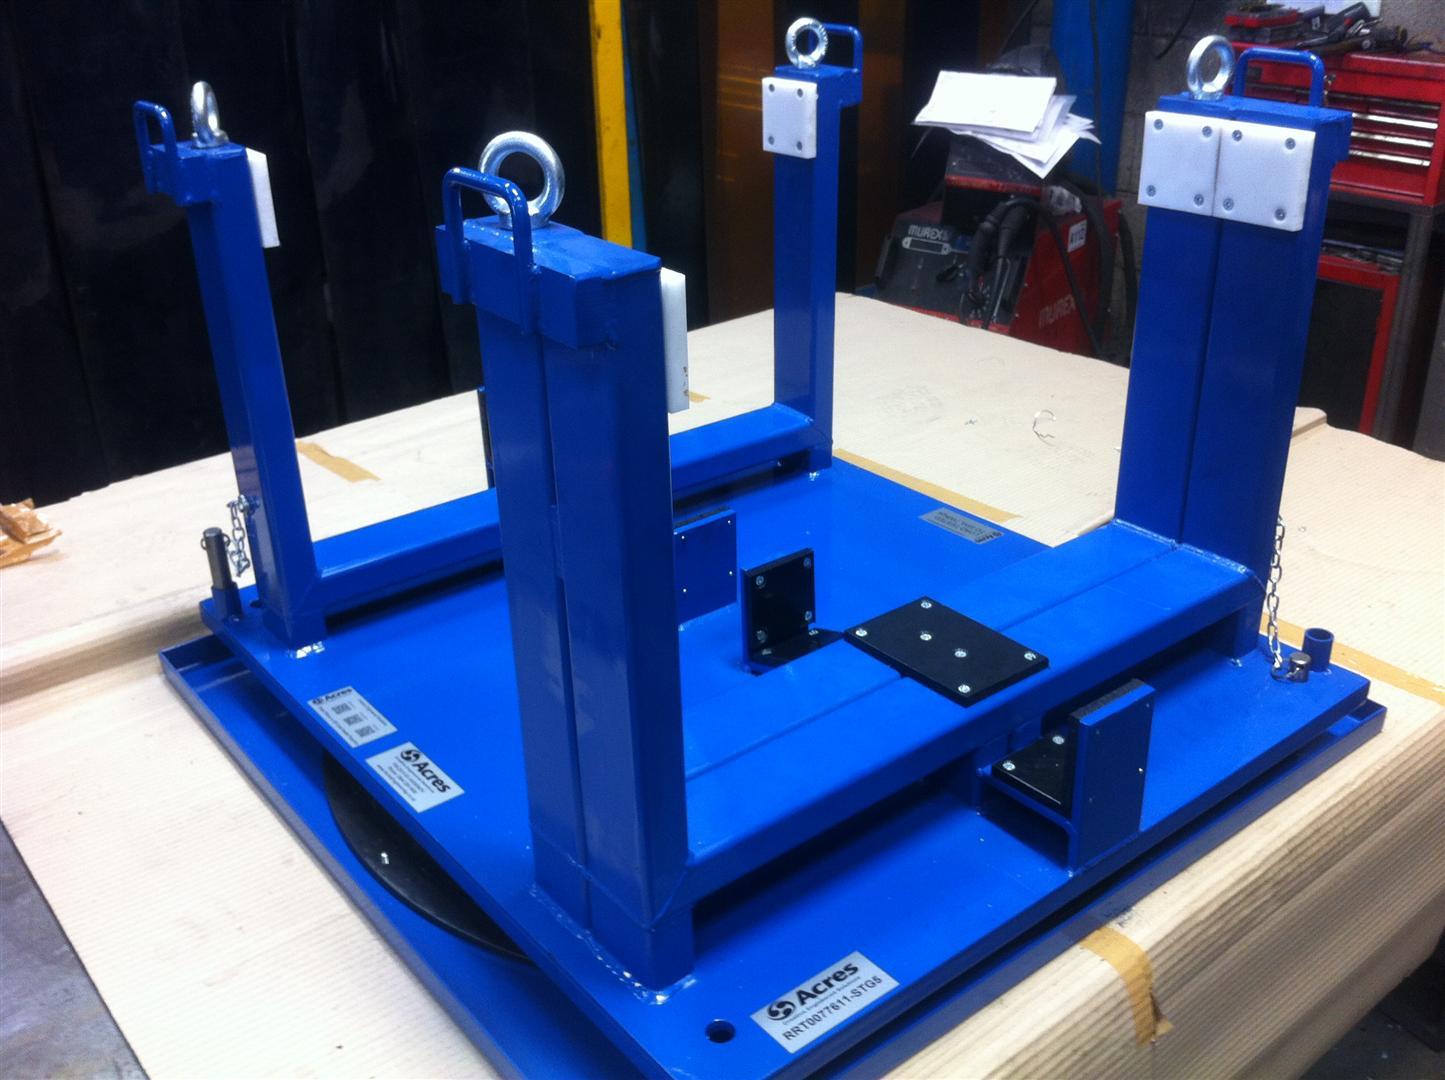 AD-168-2013-05 – Rotating XWB Pallet